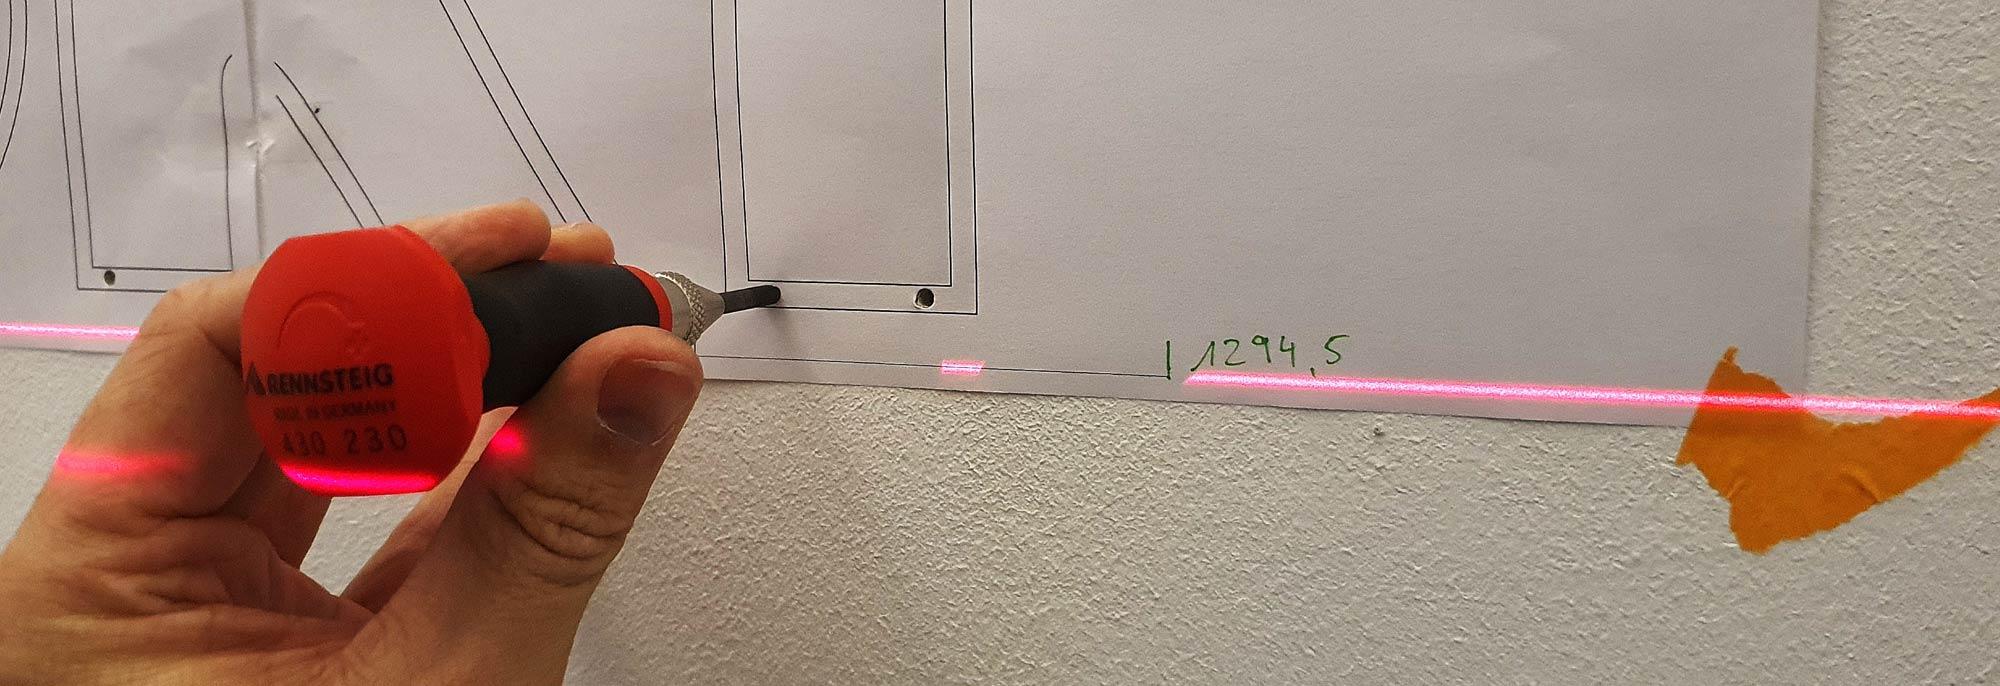 Laser Ausmessung Wand